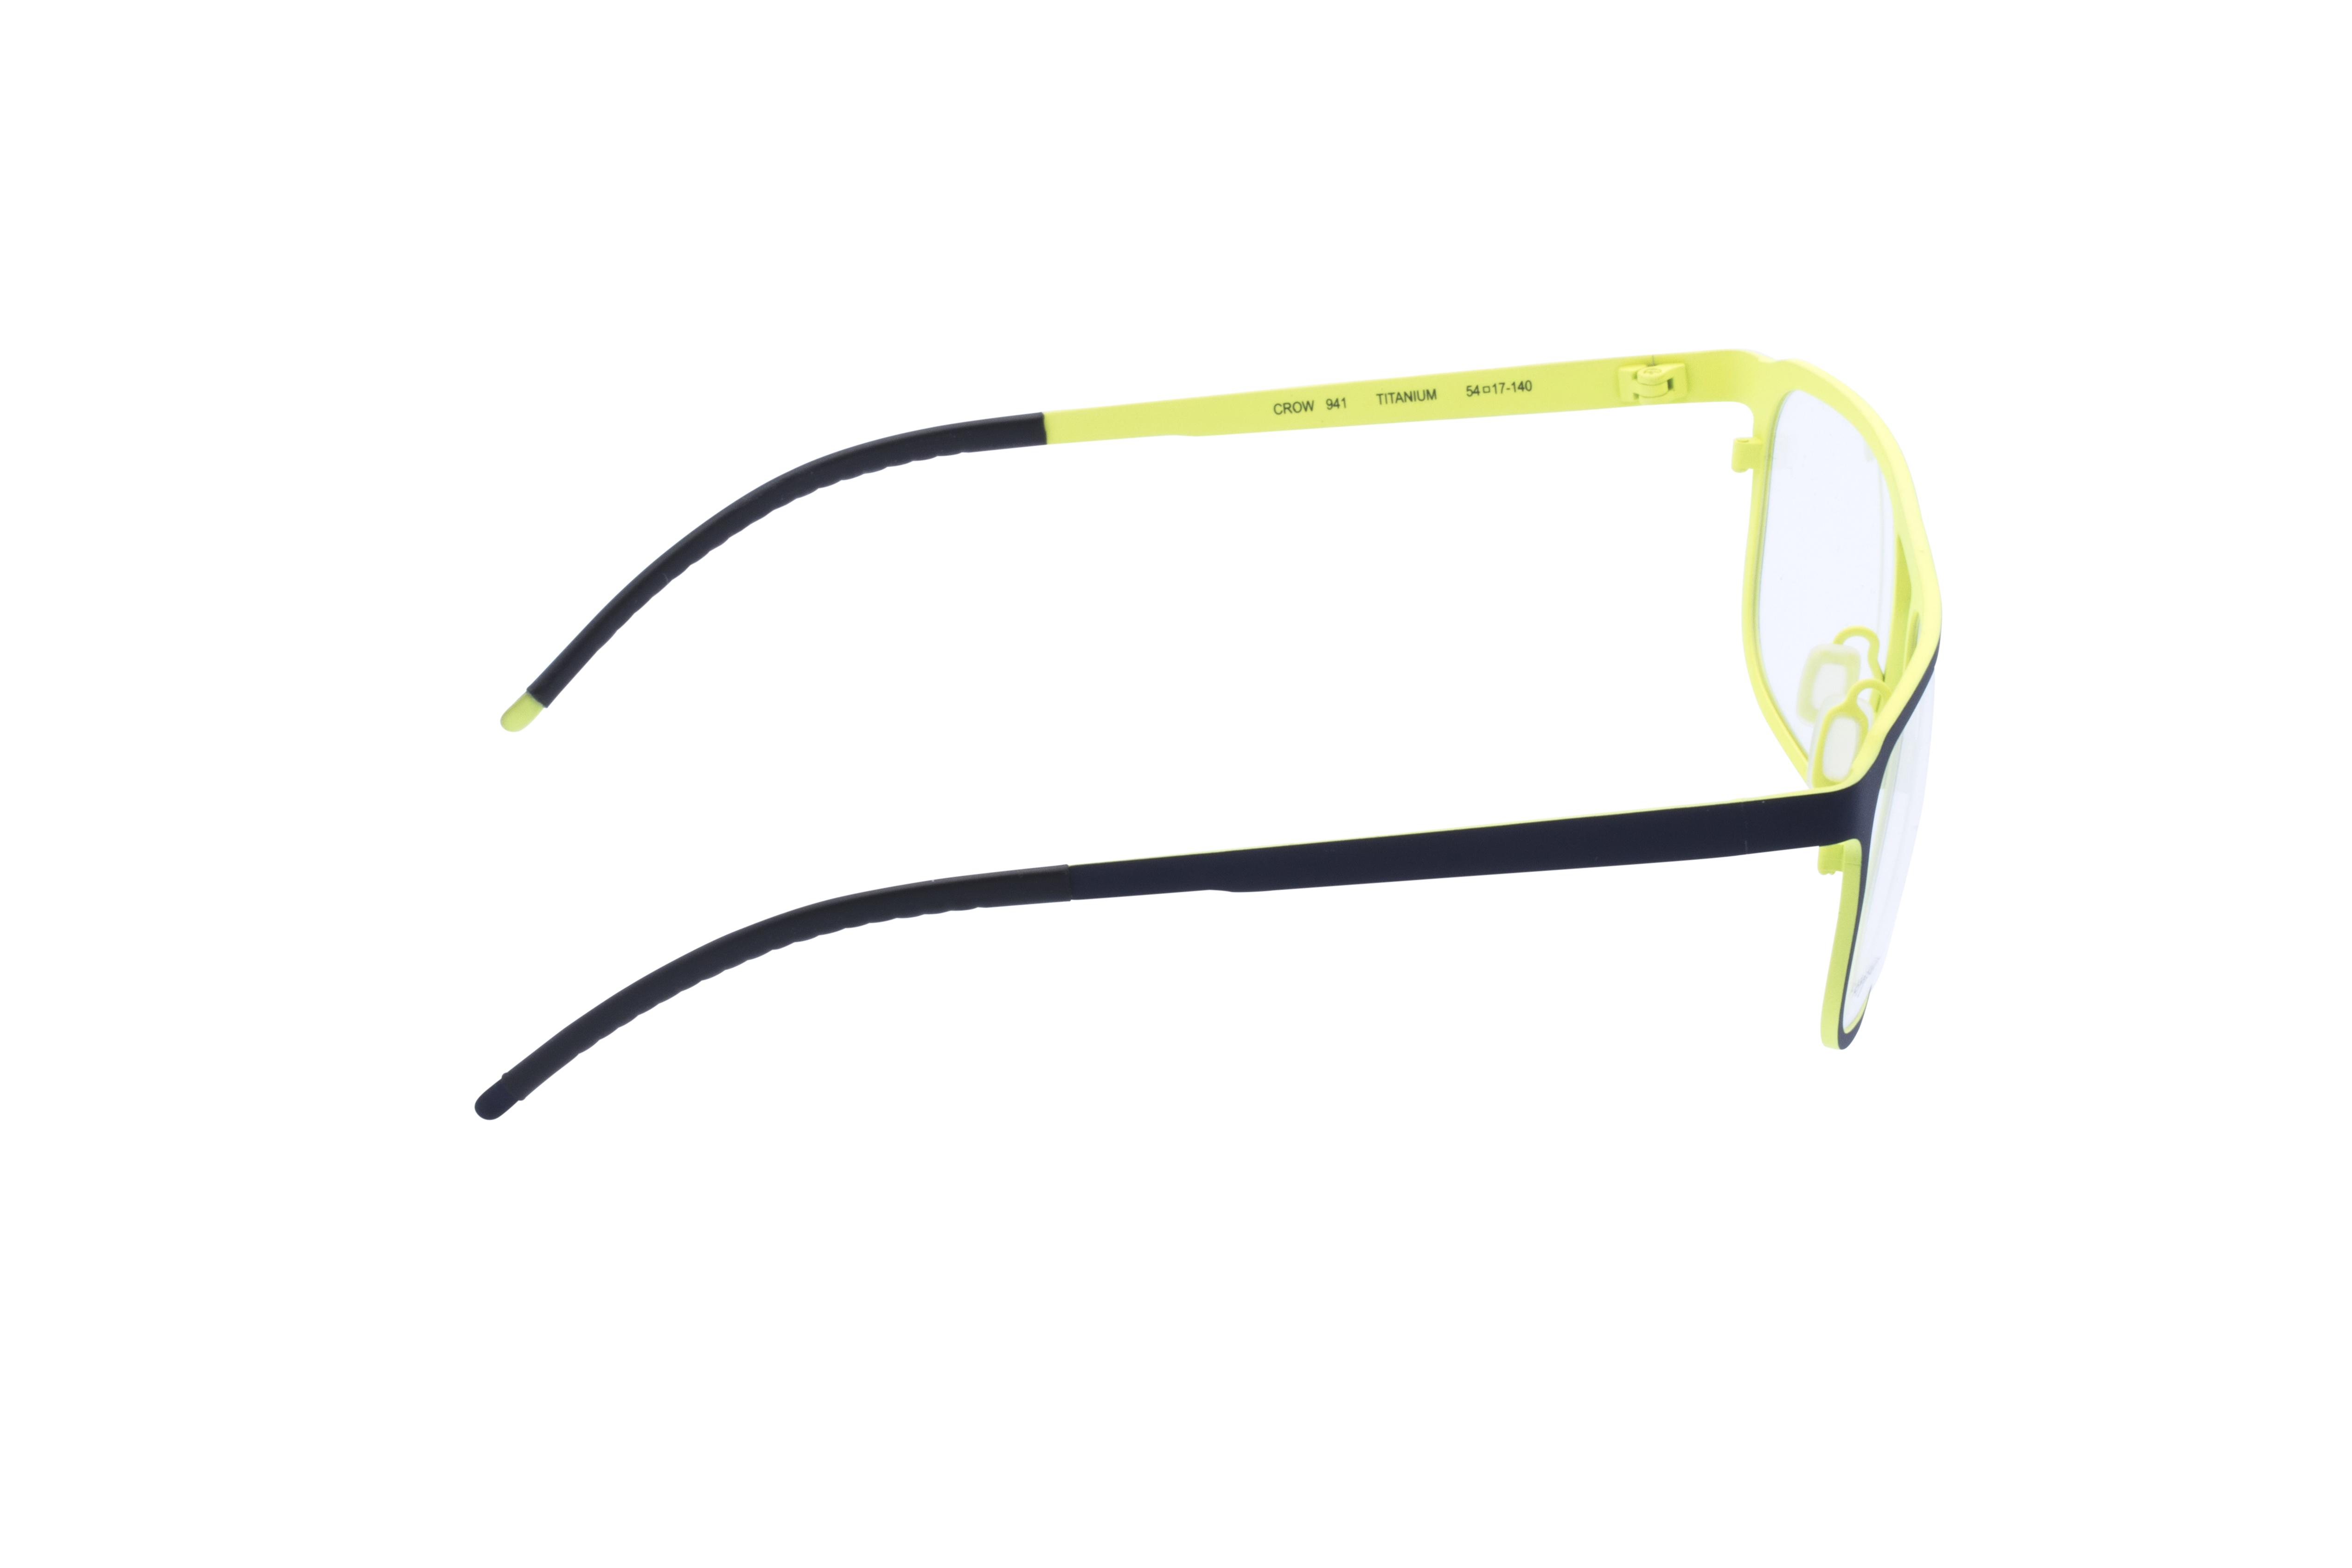 360 Grad Ansicht 6 Orgreen Crow, Brille auf Weiß - Fassung bei KUNK